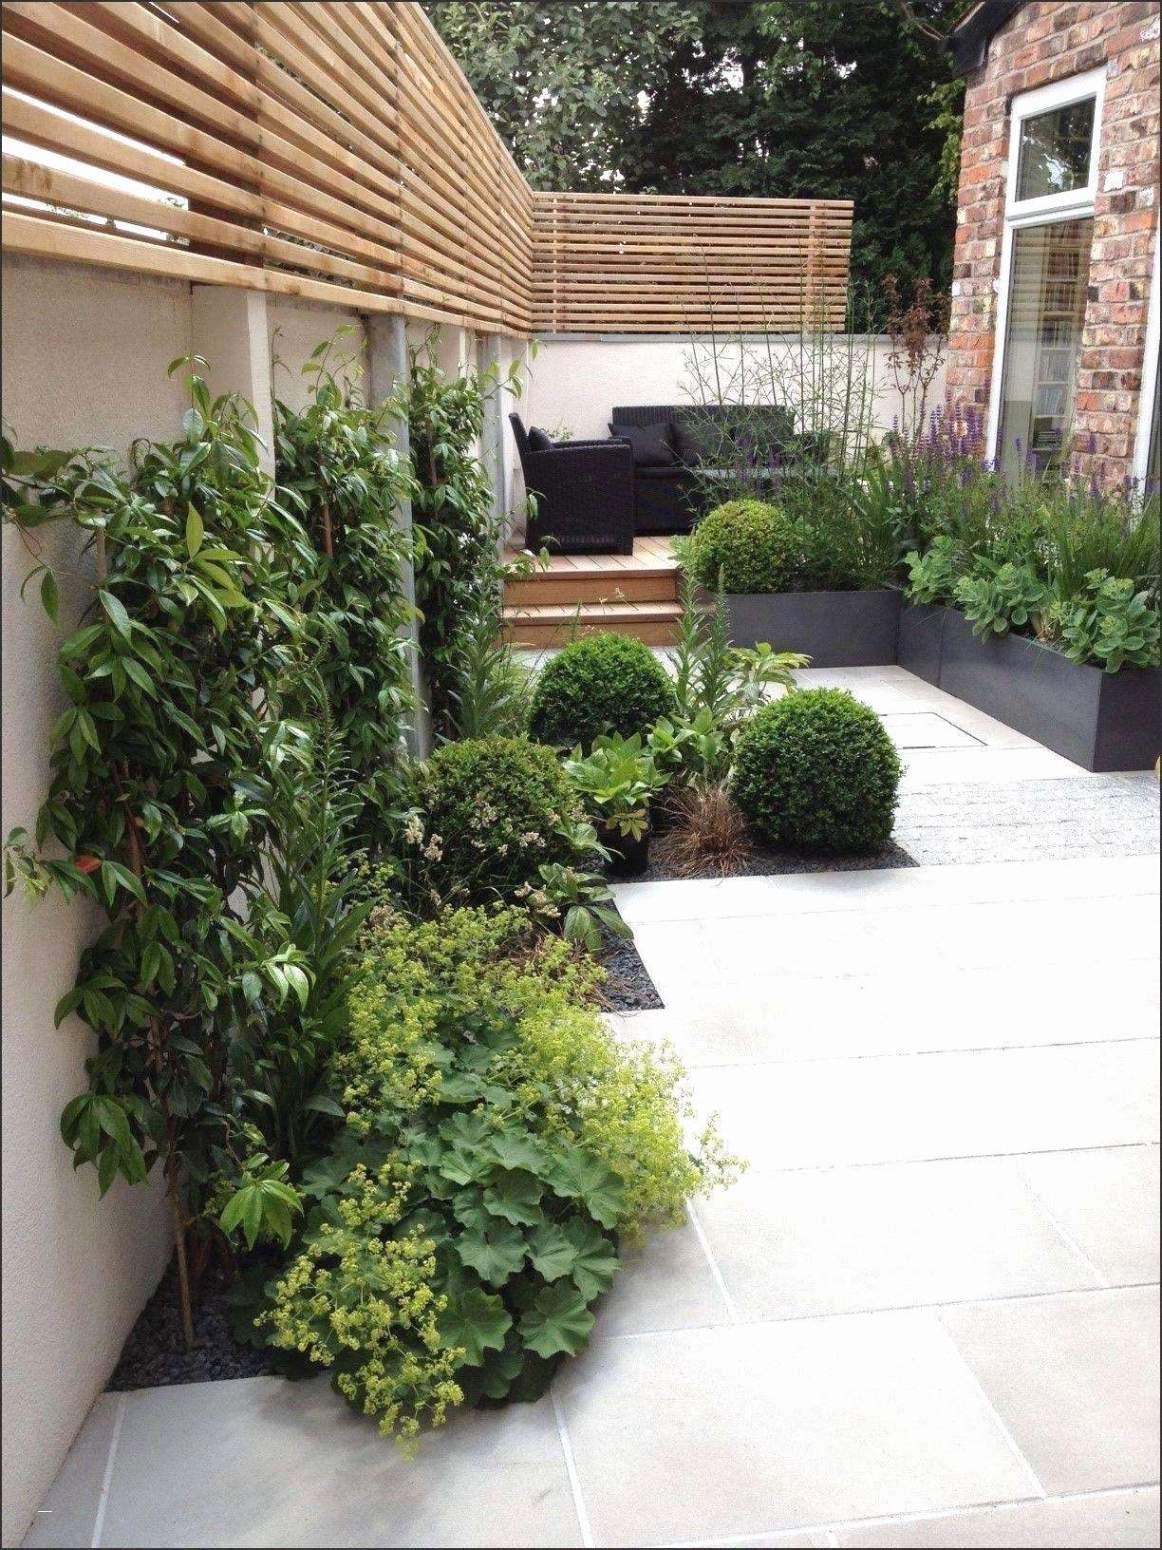 unser garten neu kiesgarten anlegen ideen kollektionen von designs kiesgarten anlegen ideen kiesgarten anlegen ideen